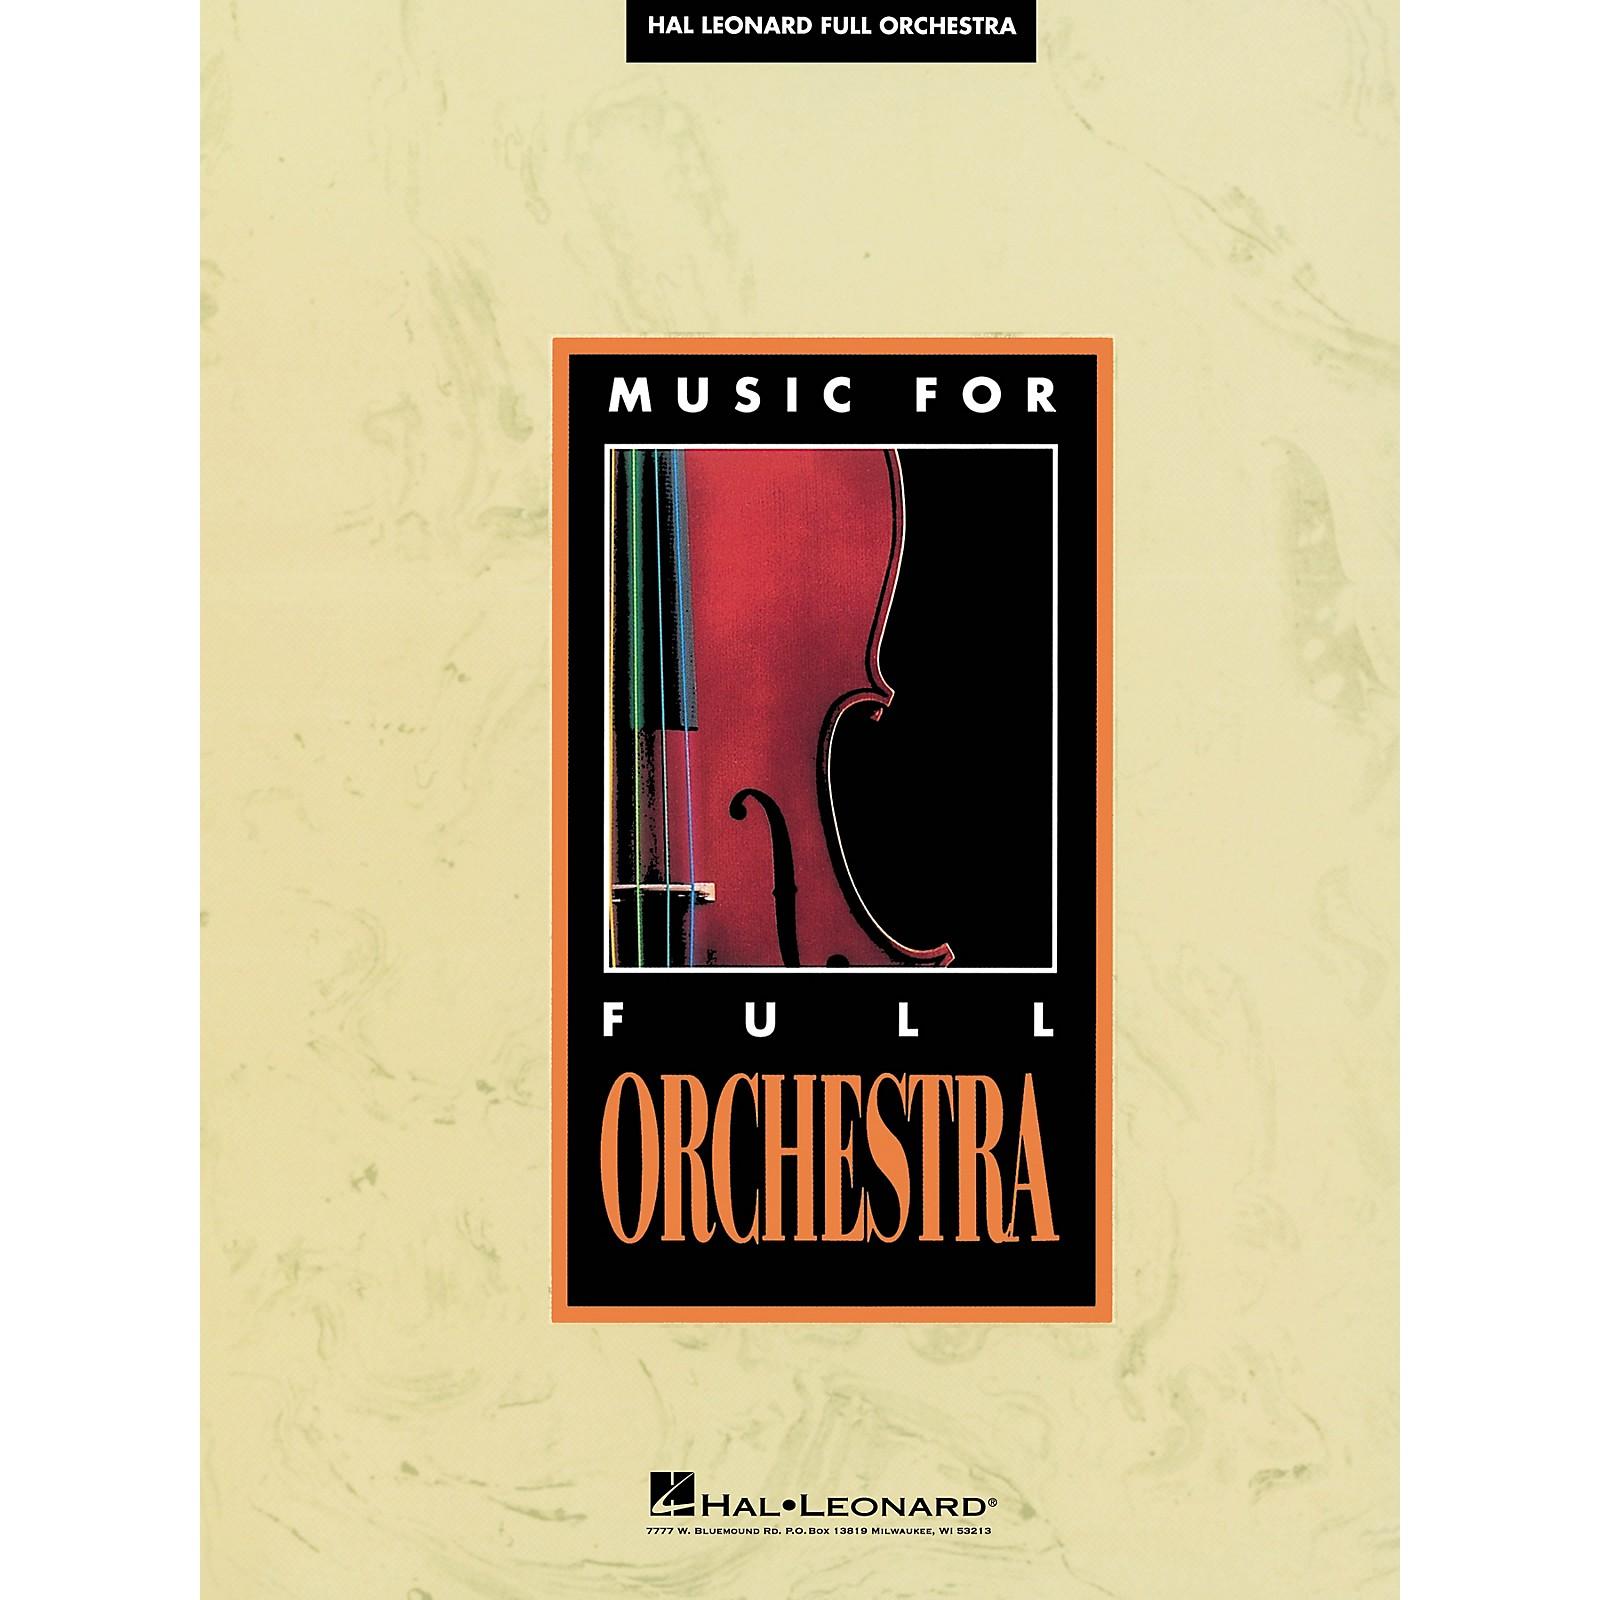 Ricordi Concerto in E Minor for 4 Violins Strings and Basso Continuo, Op.3 No.4, RV550 Orchestra by Vivaldi